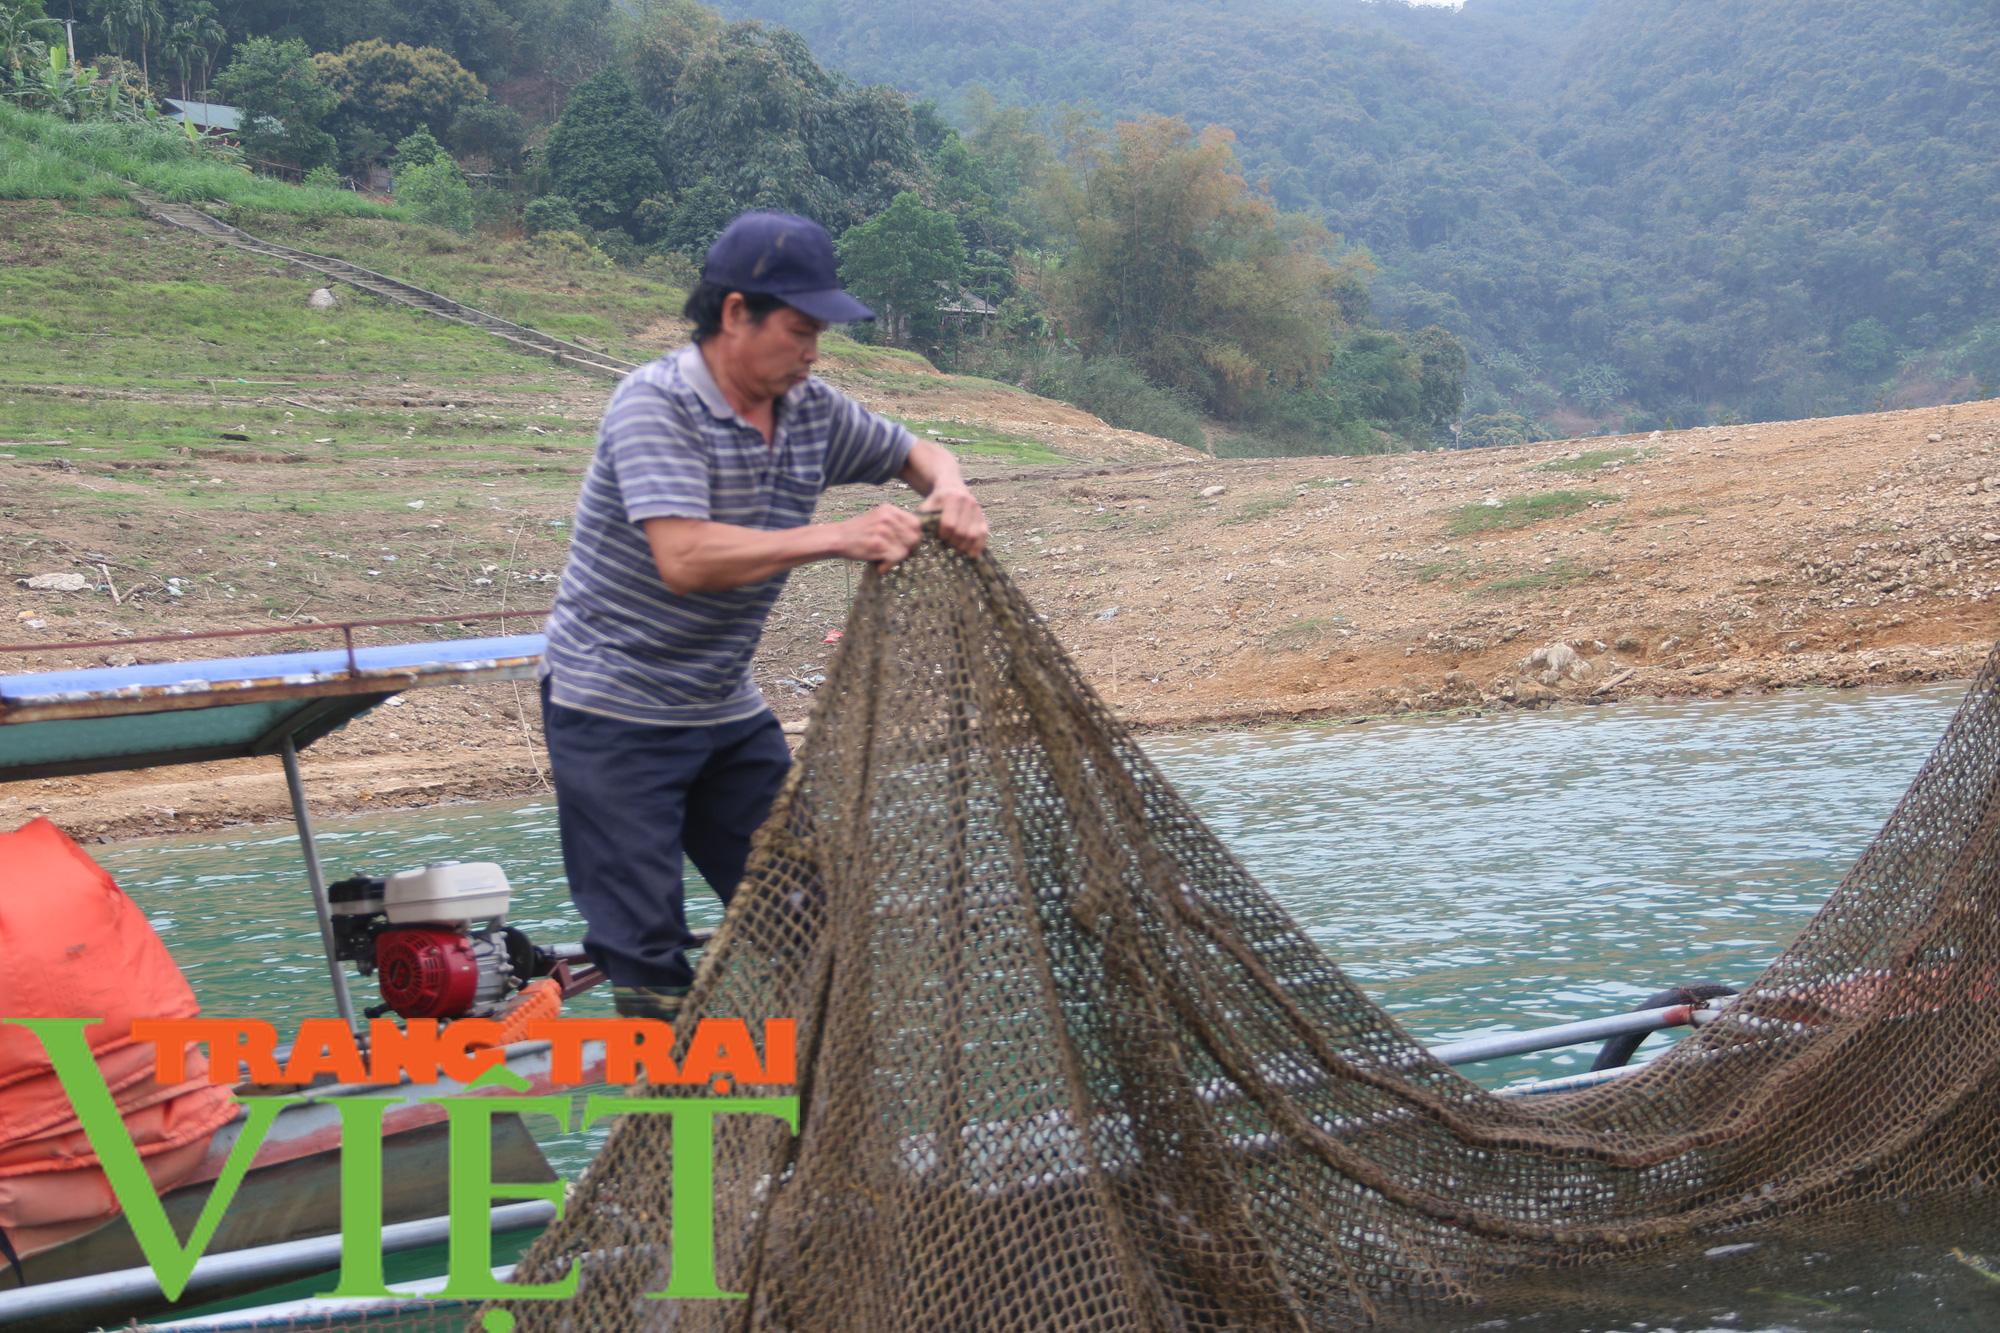 Hòa Bình: Phát huy tiềm năng thế mạnh nuôi cá lồng trên vùng lòng hồ - Ảnh 8.